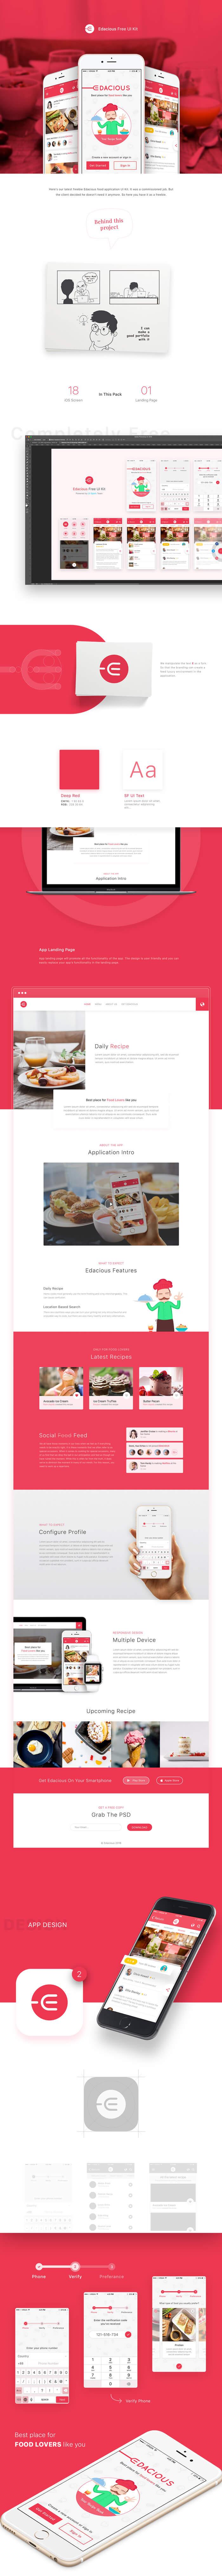 Edacious Free UI Kit (.Psd) скачать бесплатно